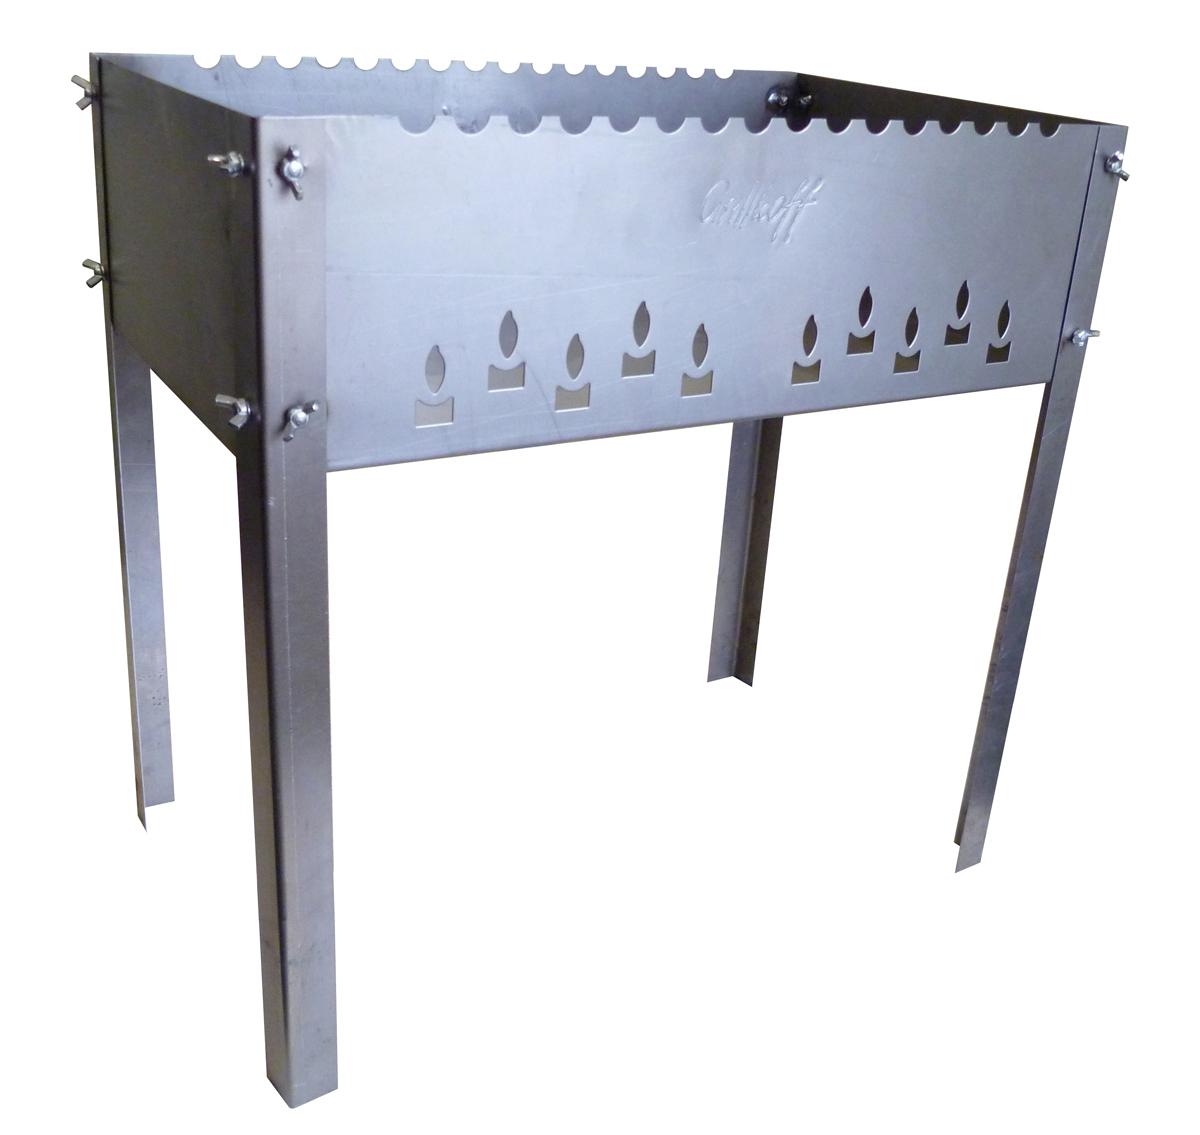 Мангал Grillkoff Max, с 6 шампурами, 50 х 30 х 50 смRUC-01Мангал Grillkoff Max выполнен из высококачественной стали. С барашками, с волной. Мангал без усилий собирается для применения. Конструкция позволяет с комфортом готовить на мангале.В комплекте 6 шампуров, выполненных из нержавеющей стали.Размер мангала (с учетом ножек): 50 х 30 х 50 см.Глубина мангала: 14,5 см.Толщина стали: 1,5 мм.Длина шампуров: 50 см.Толщина шампуров: 0,8 мм.